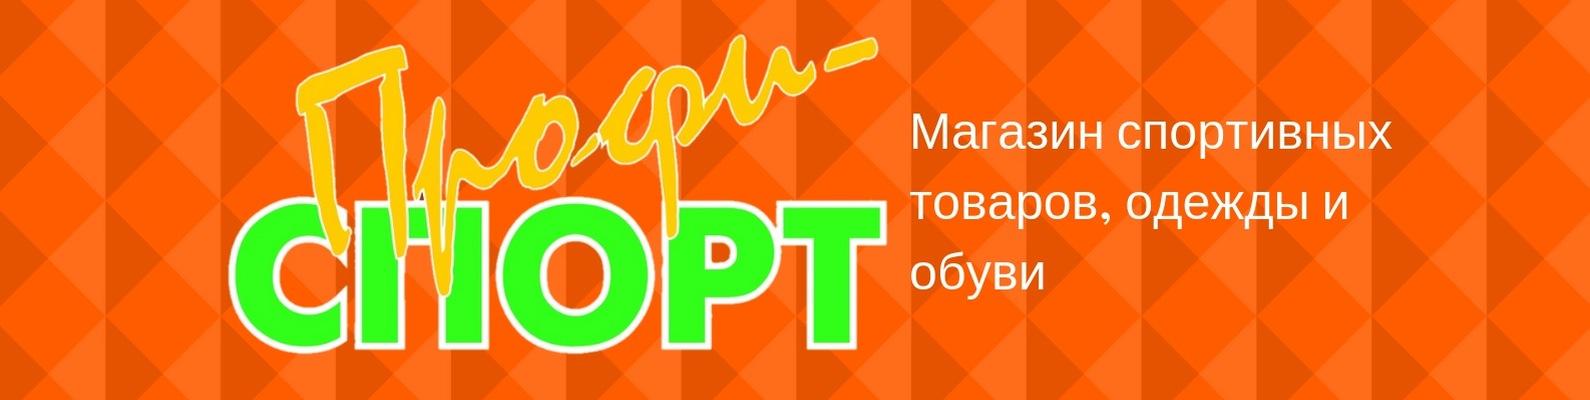 Магазин Профи Спорт - спорттовары в ДНР   ВКонтакте 4f2904f6245